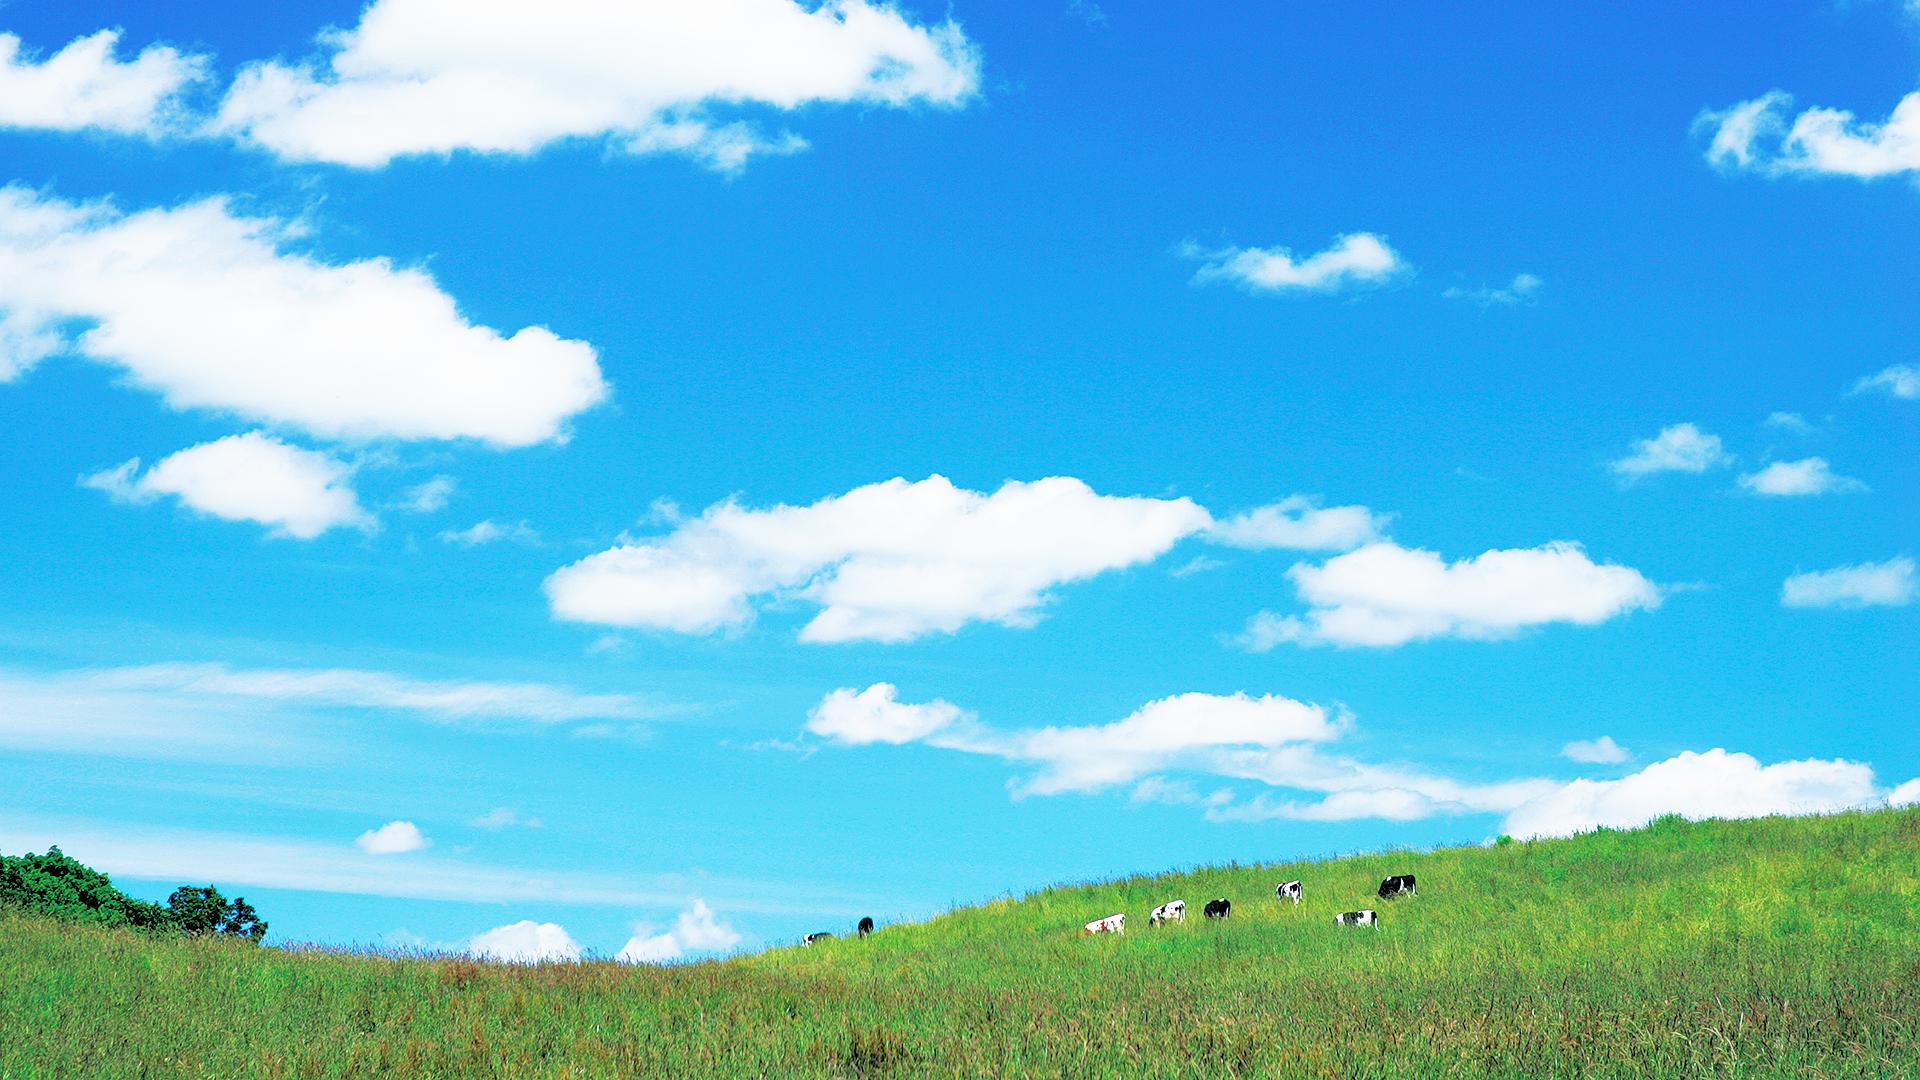 高原のバーチャル背景画像です。